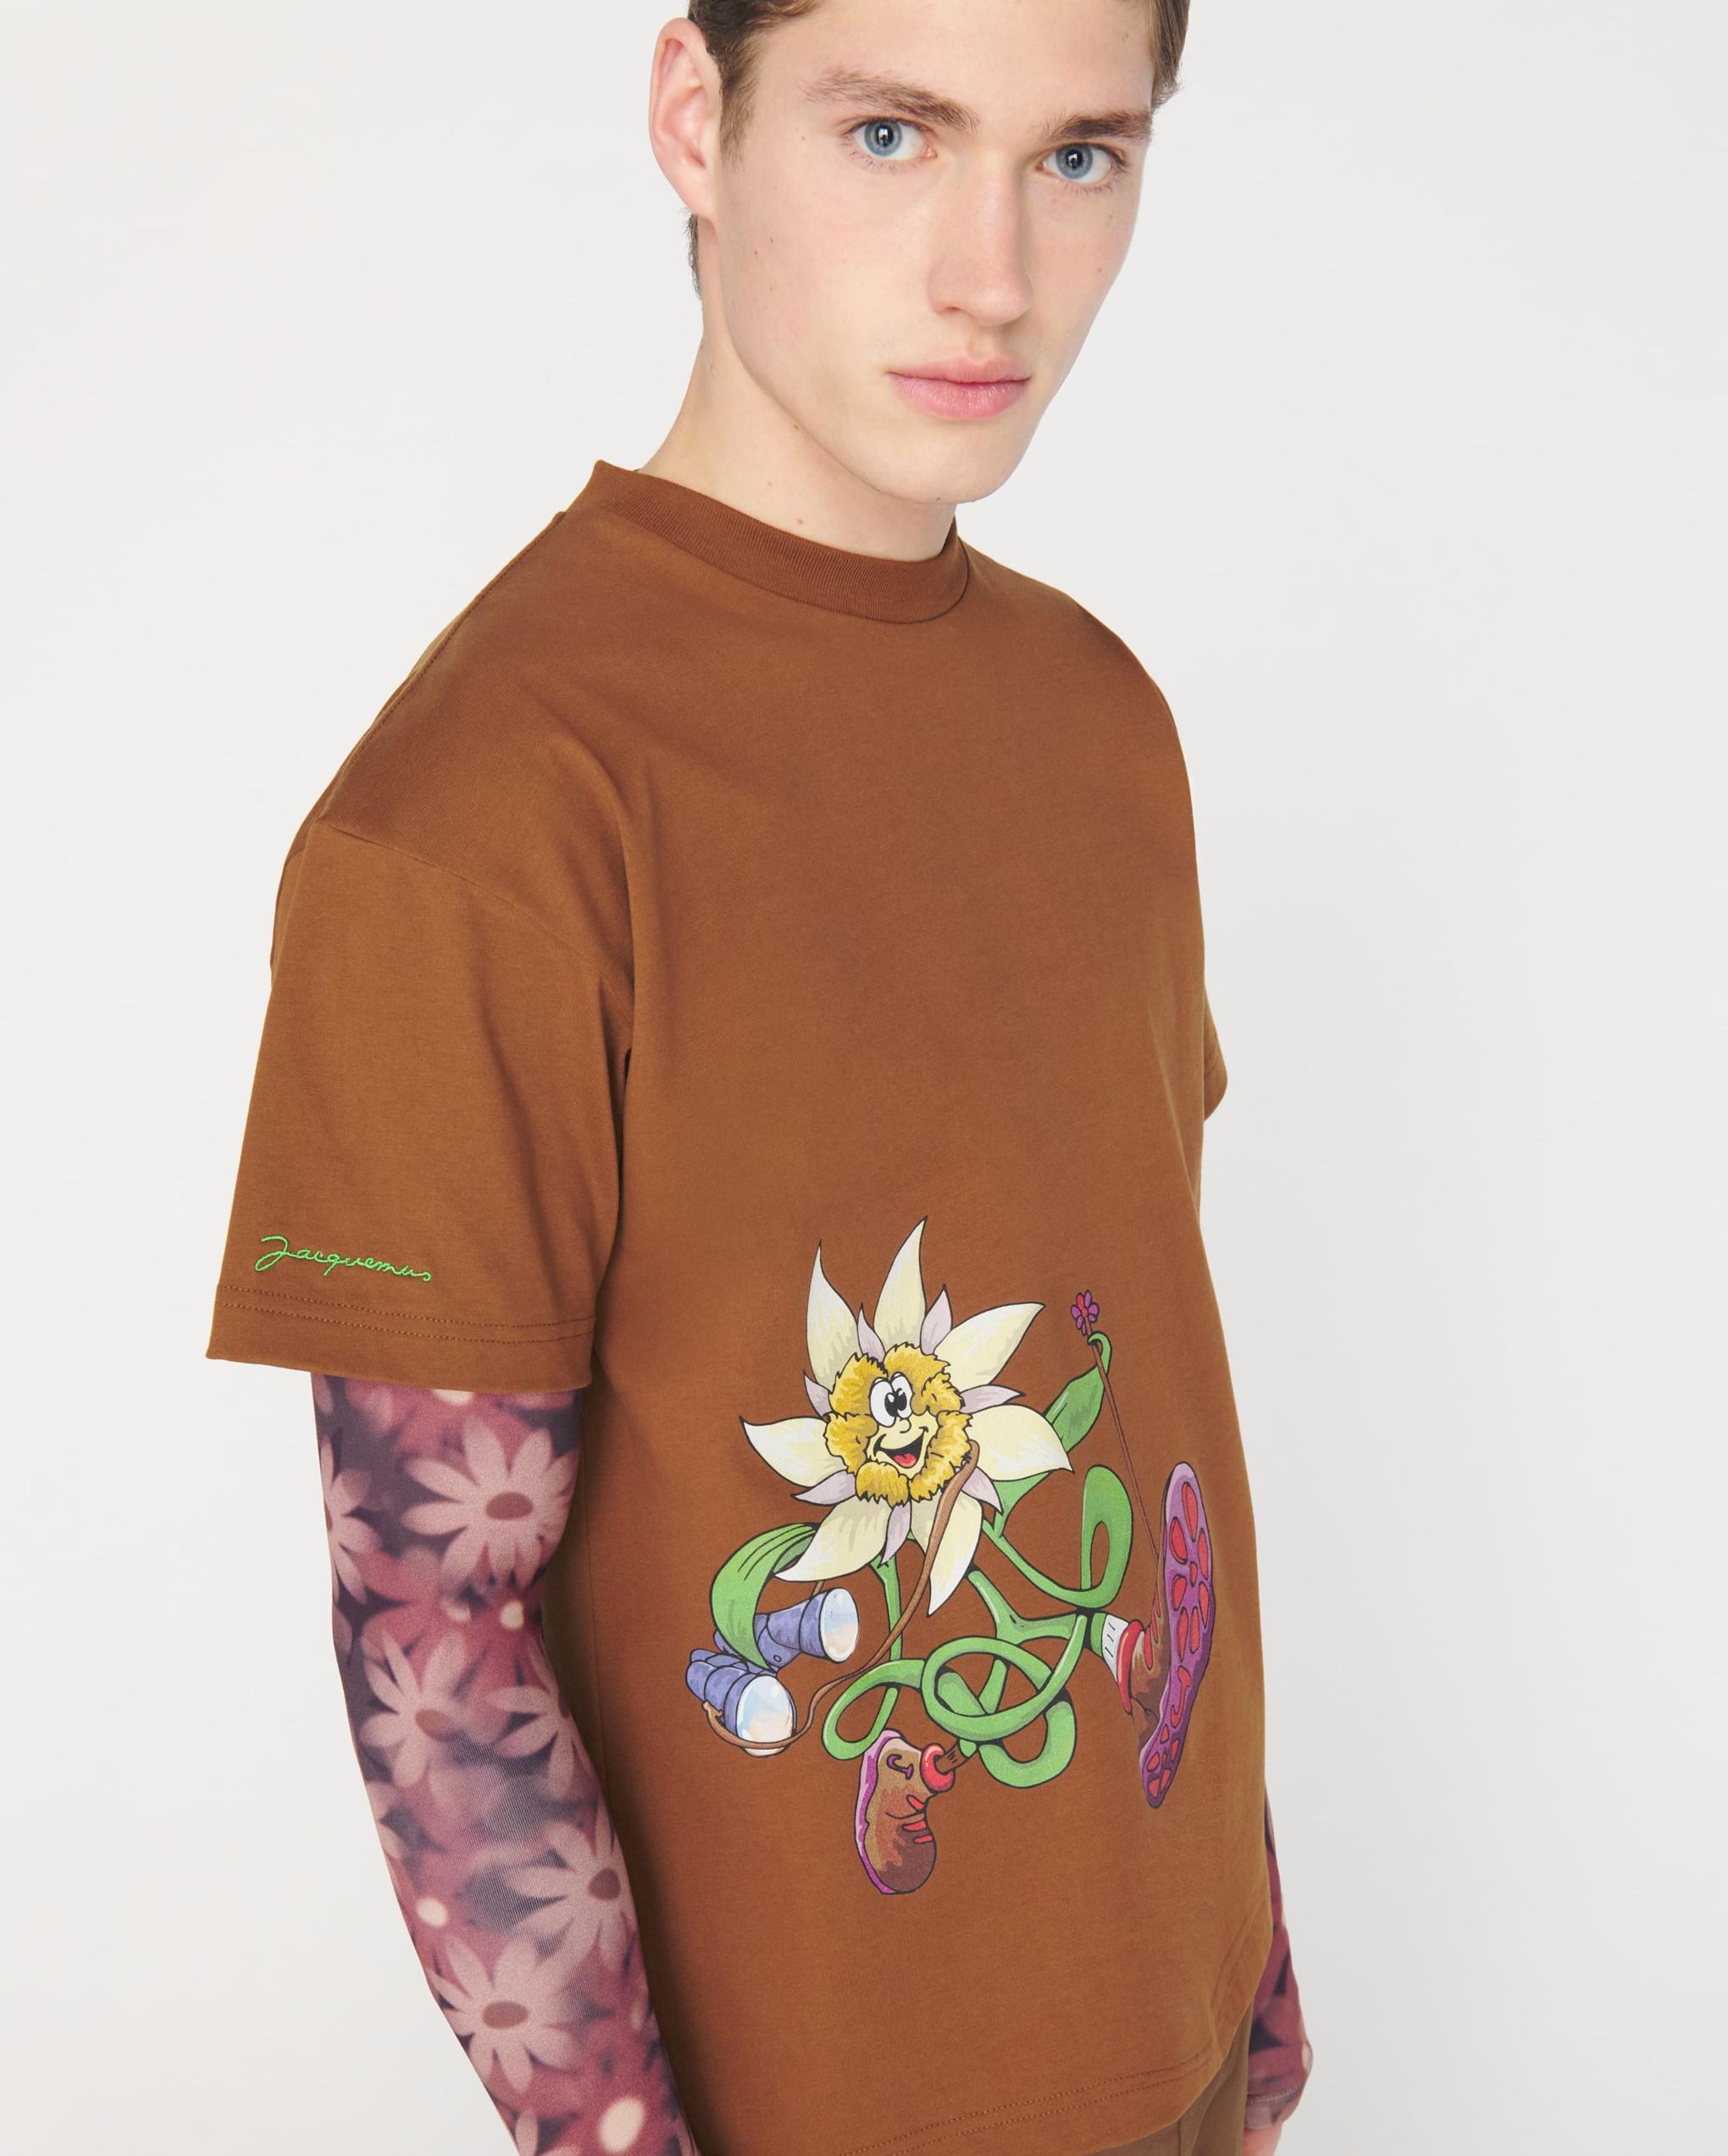 Le t-shirt Randonnée